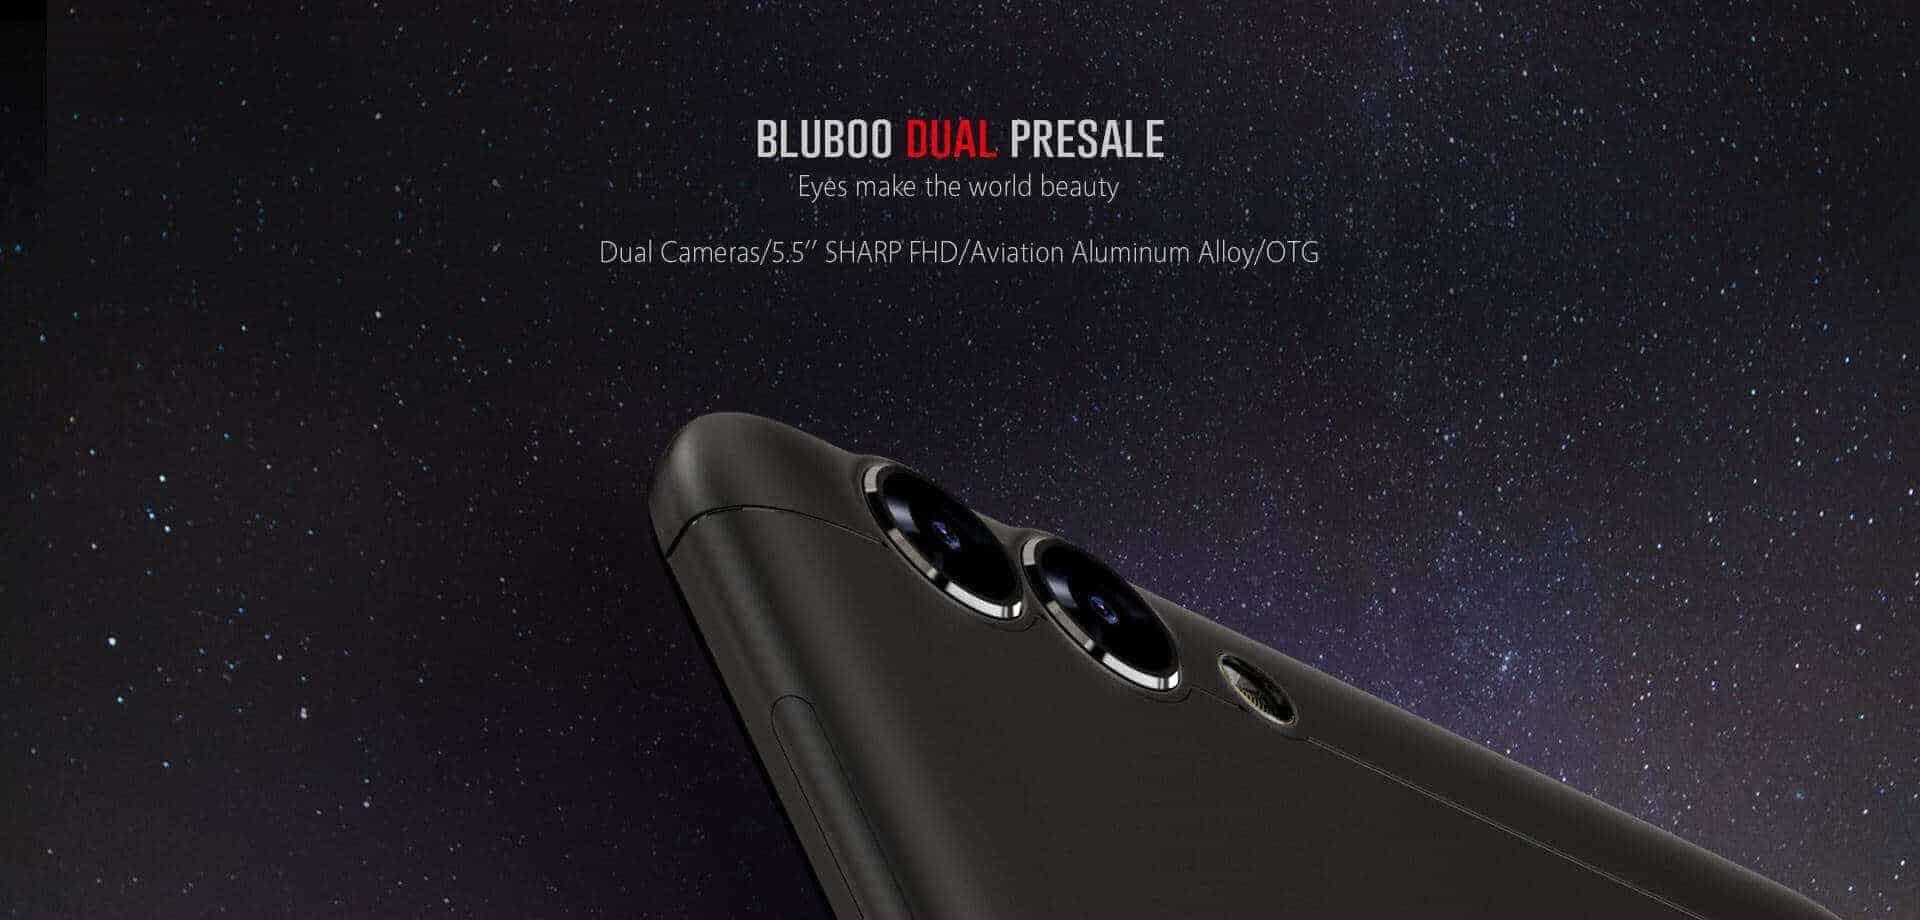 Bluboo Dual Pre-Sale